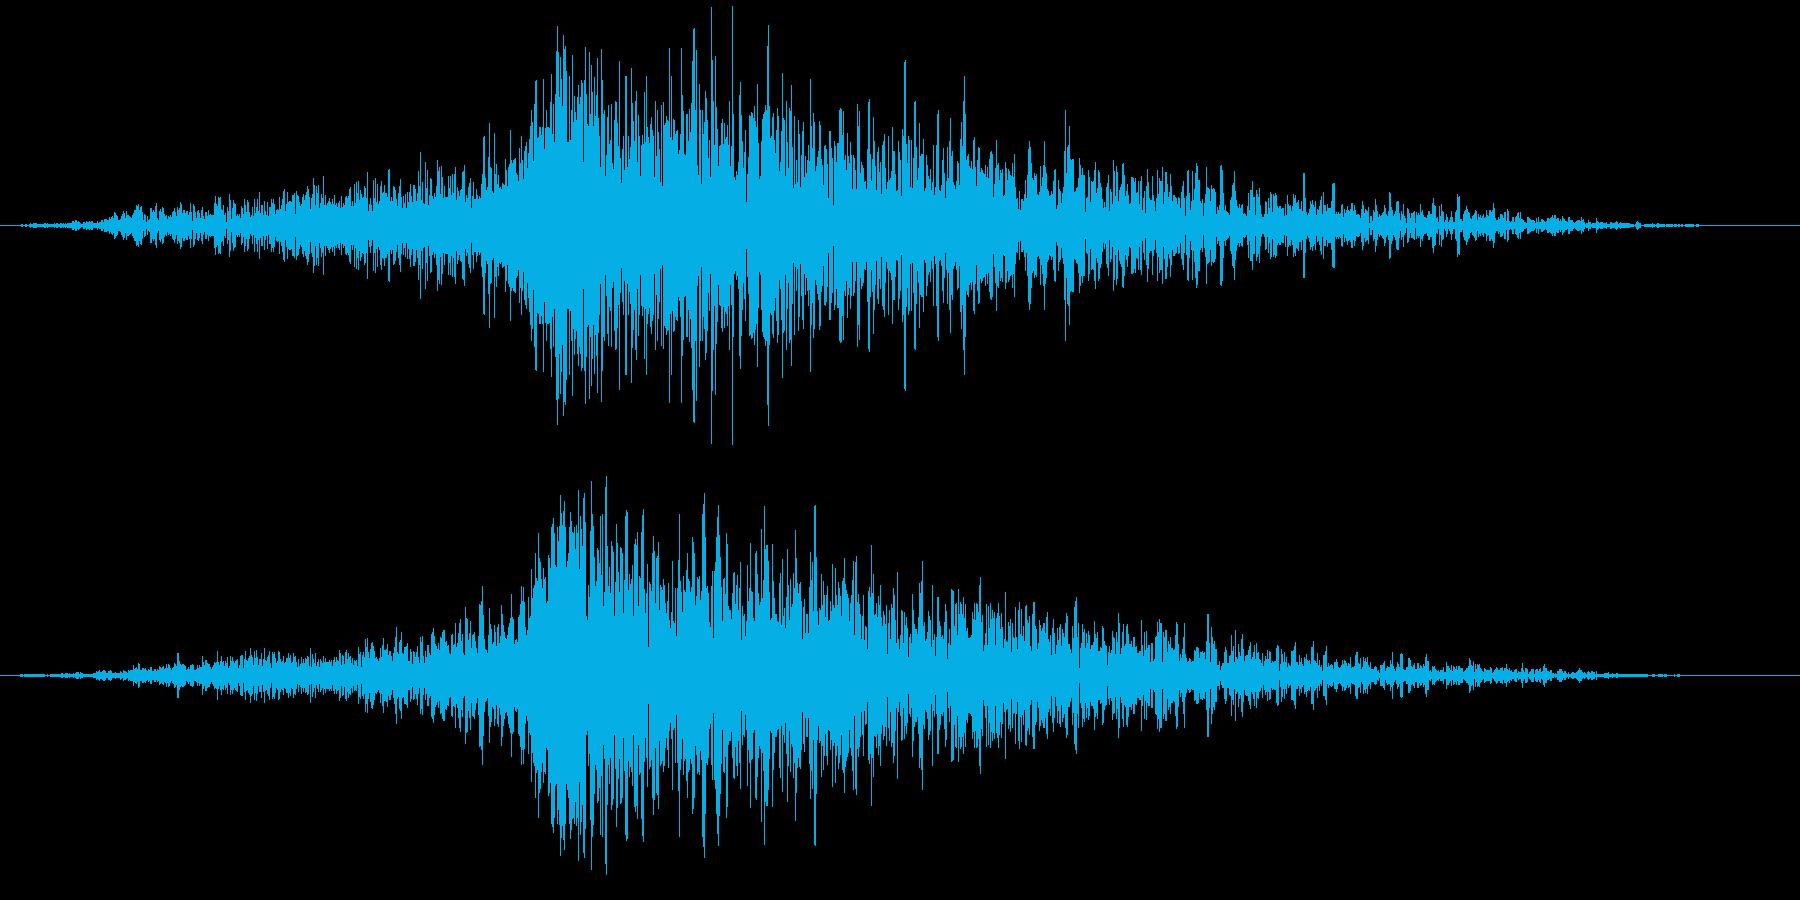 【ライザー】20 タイトルロゴ エピックの再生済みの波形